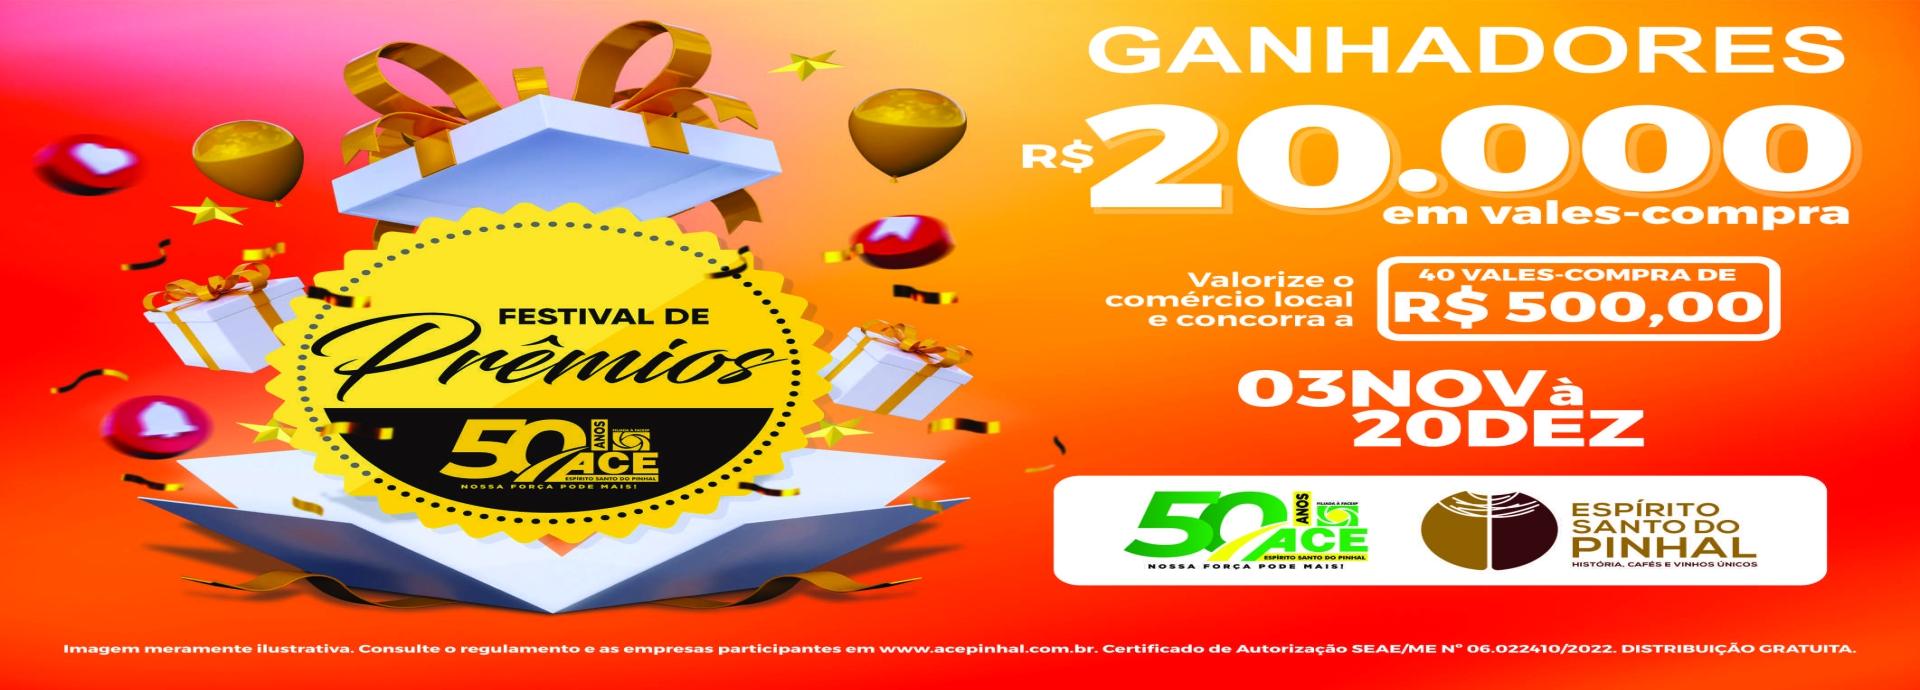 FESTIVAL DE PRÊMIOS 2019